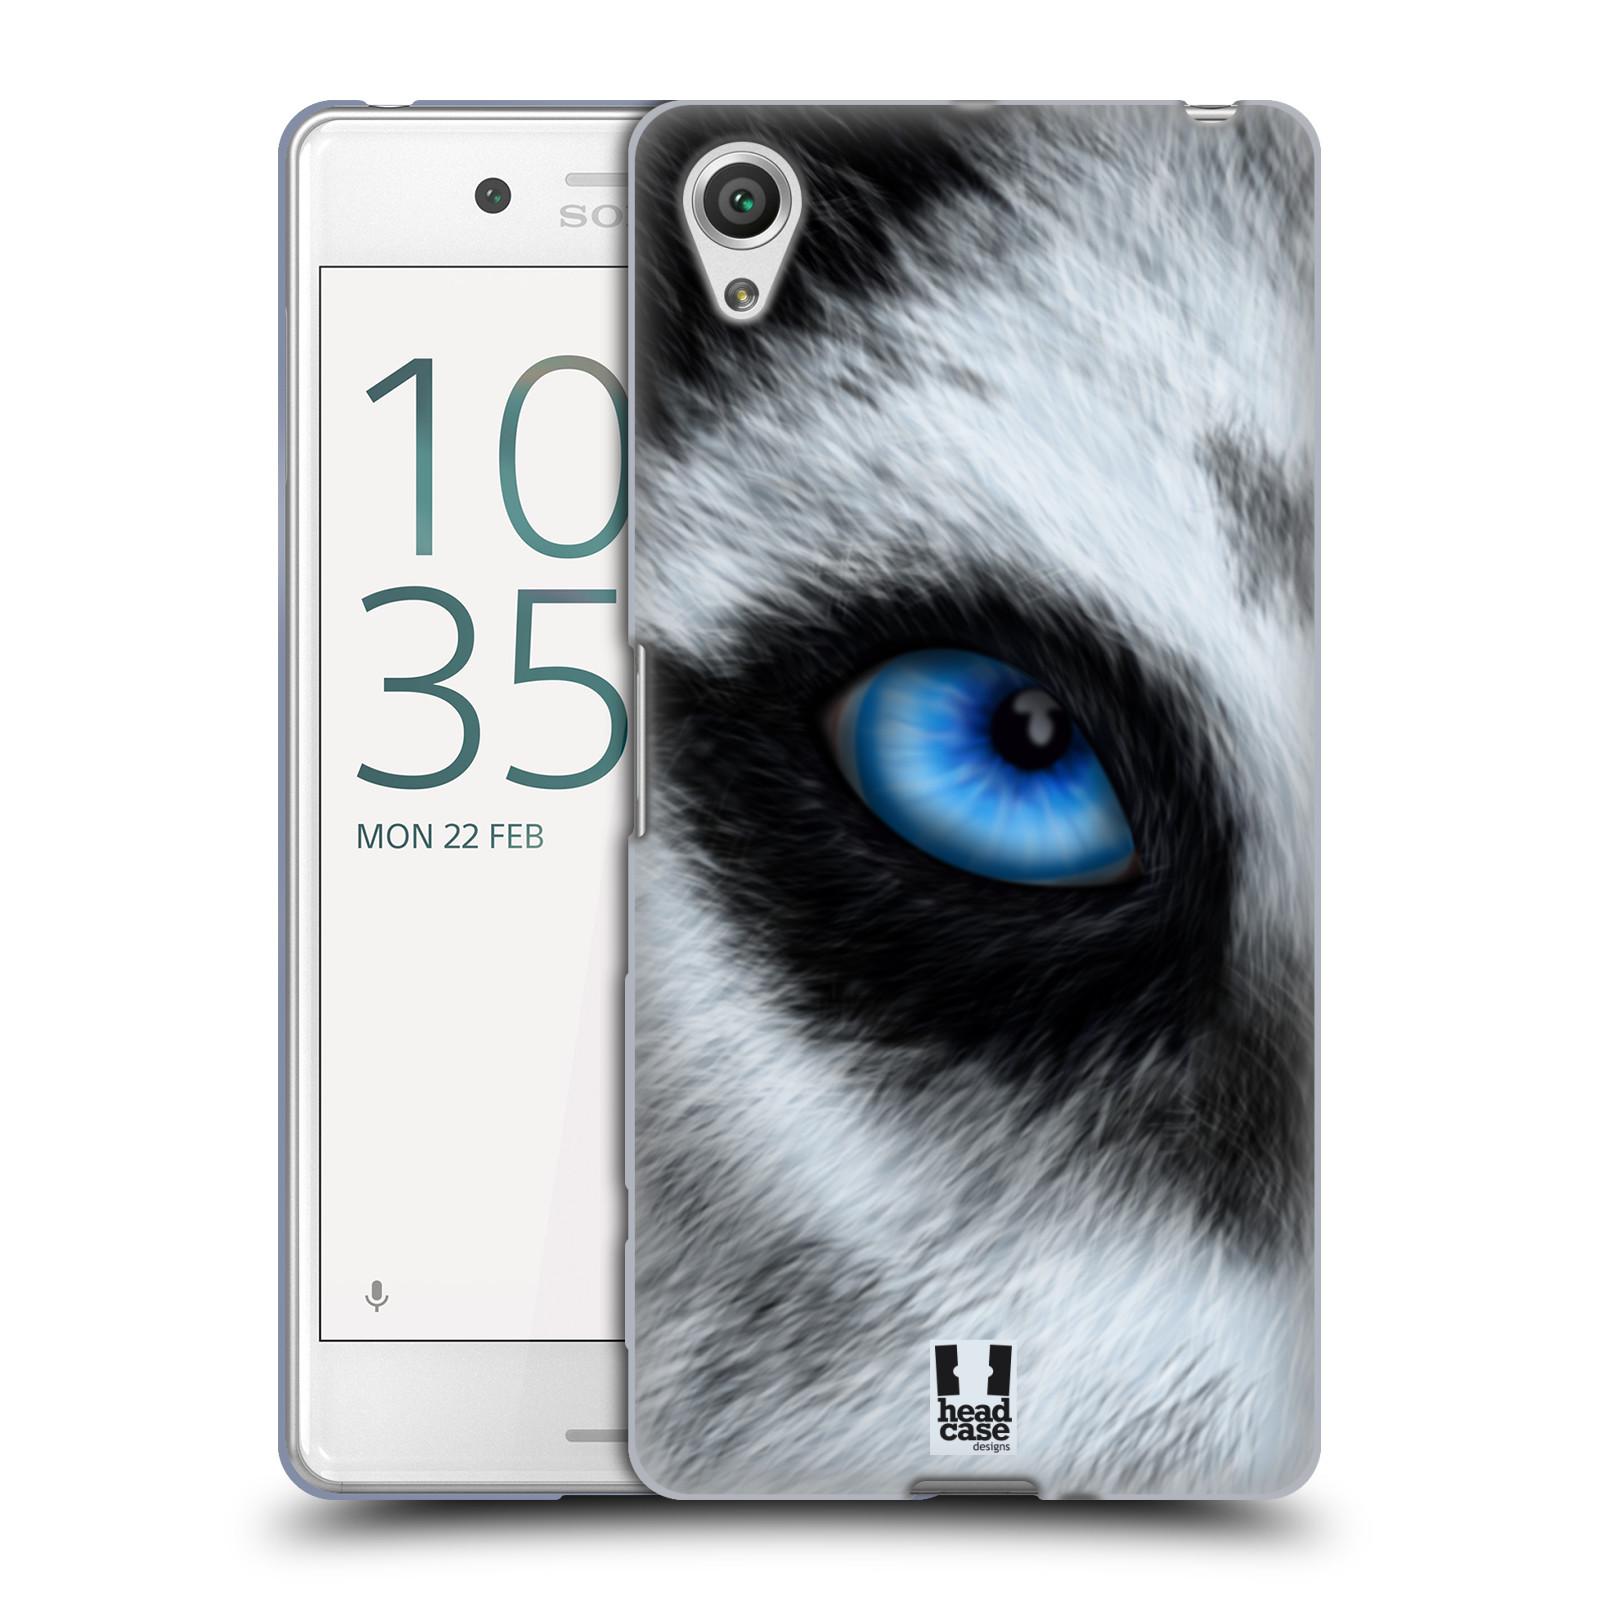 HEAD CASE silikonový obal na mobil Sony Xperia X PERFORMANCE (F8131, F8132) vzor pohled zvířete oko pes husky